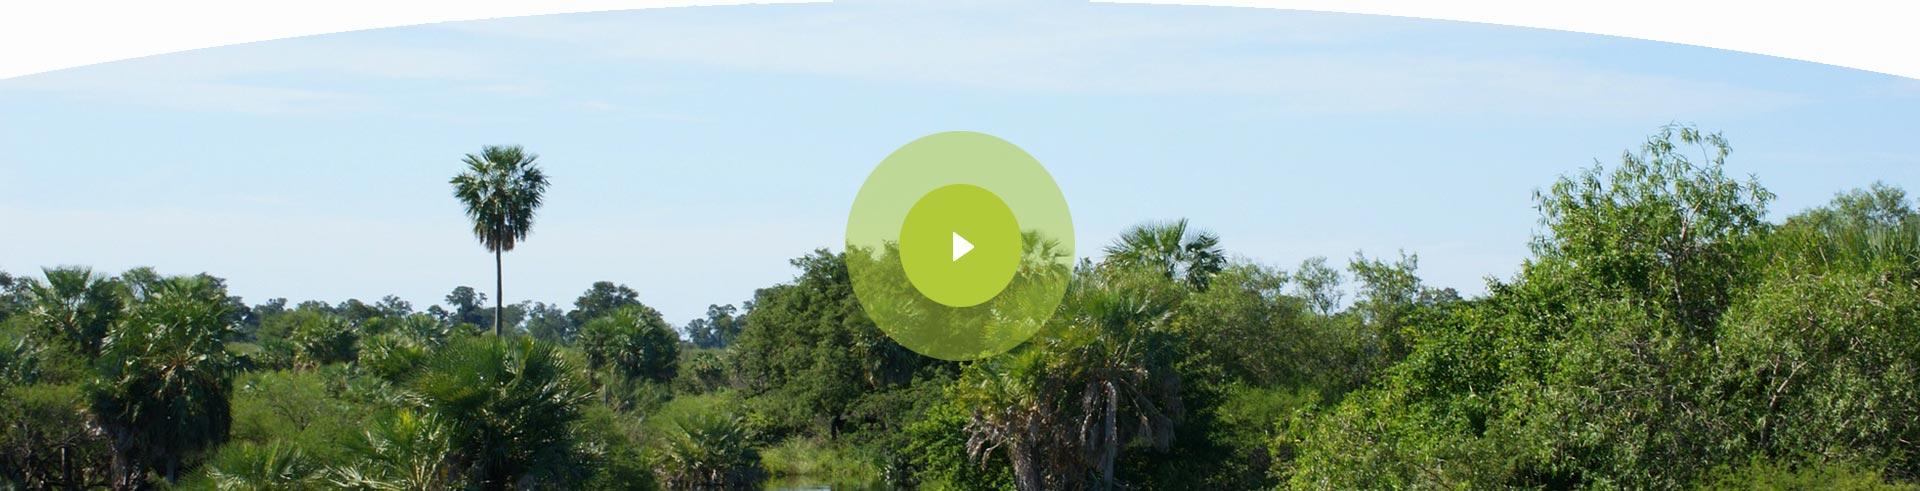 hoverbox-hintergrund_video